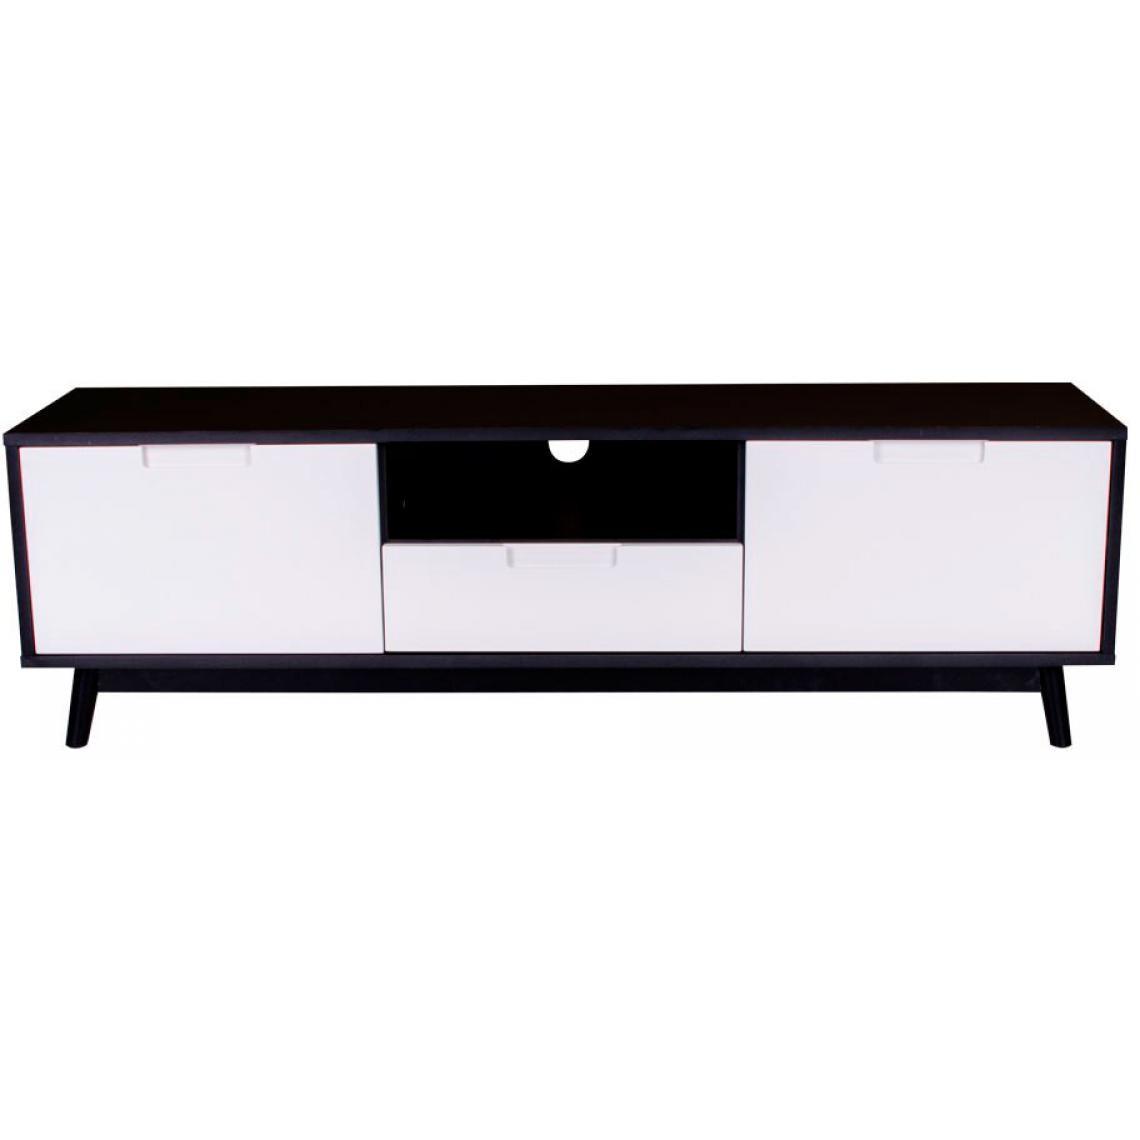 Meuble Tv Grande Taille meuble tv scandinave noir et blanc oli plus de détails